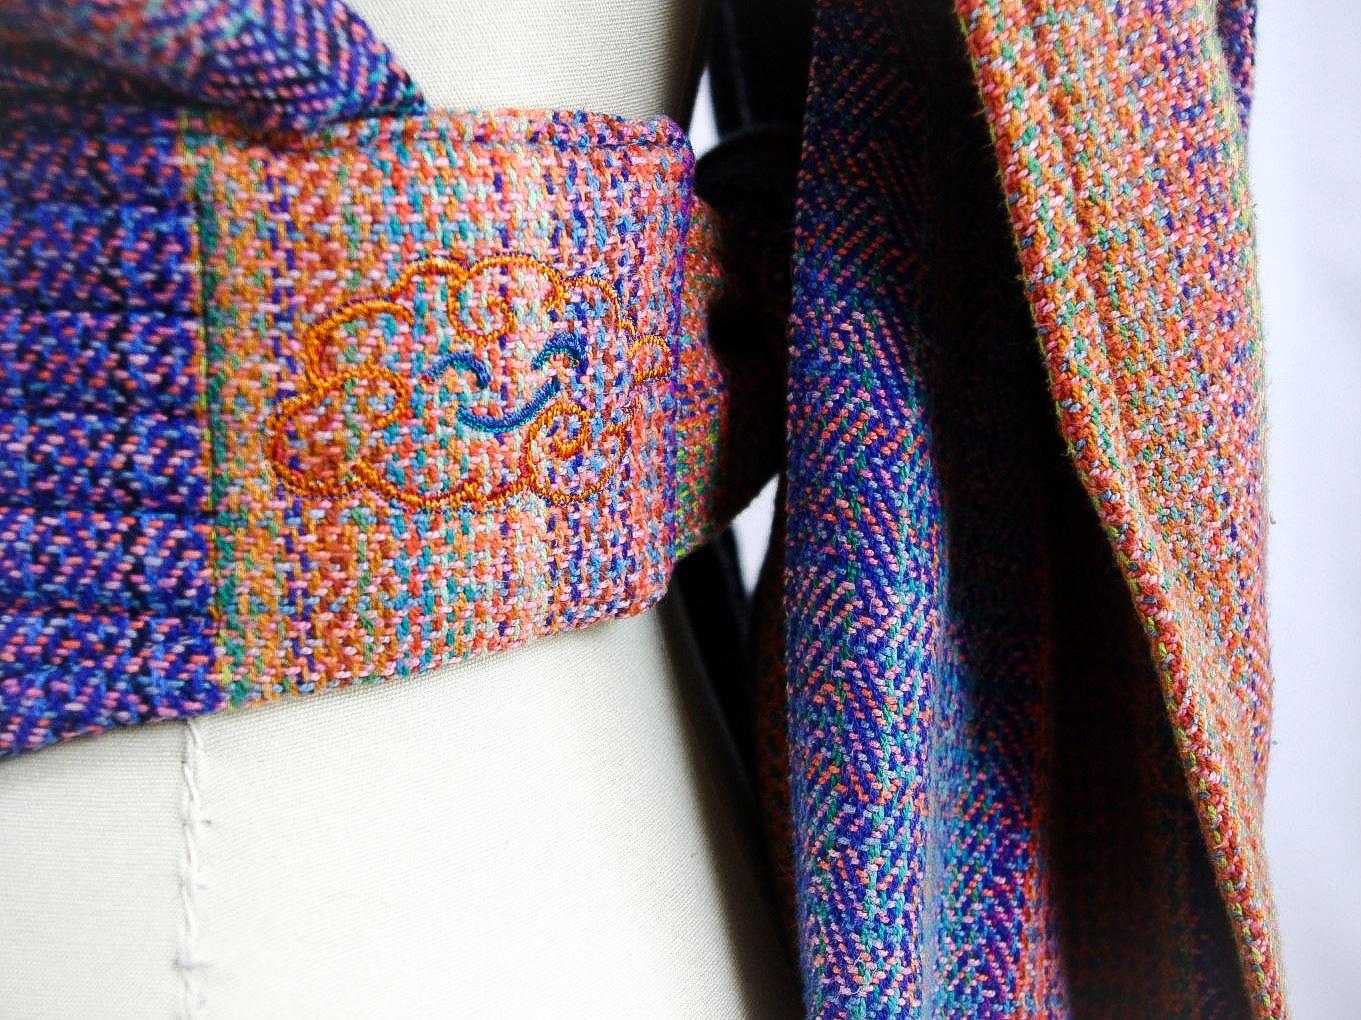 ObiMama Wrap Conversion Mei Tai Banu Textiles' Farideh Opalicious embroidery